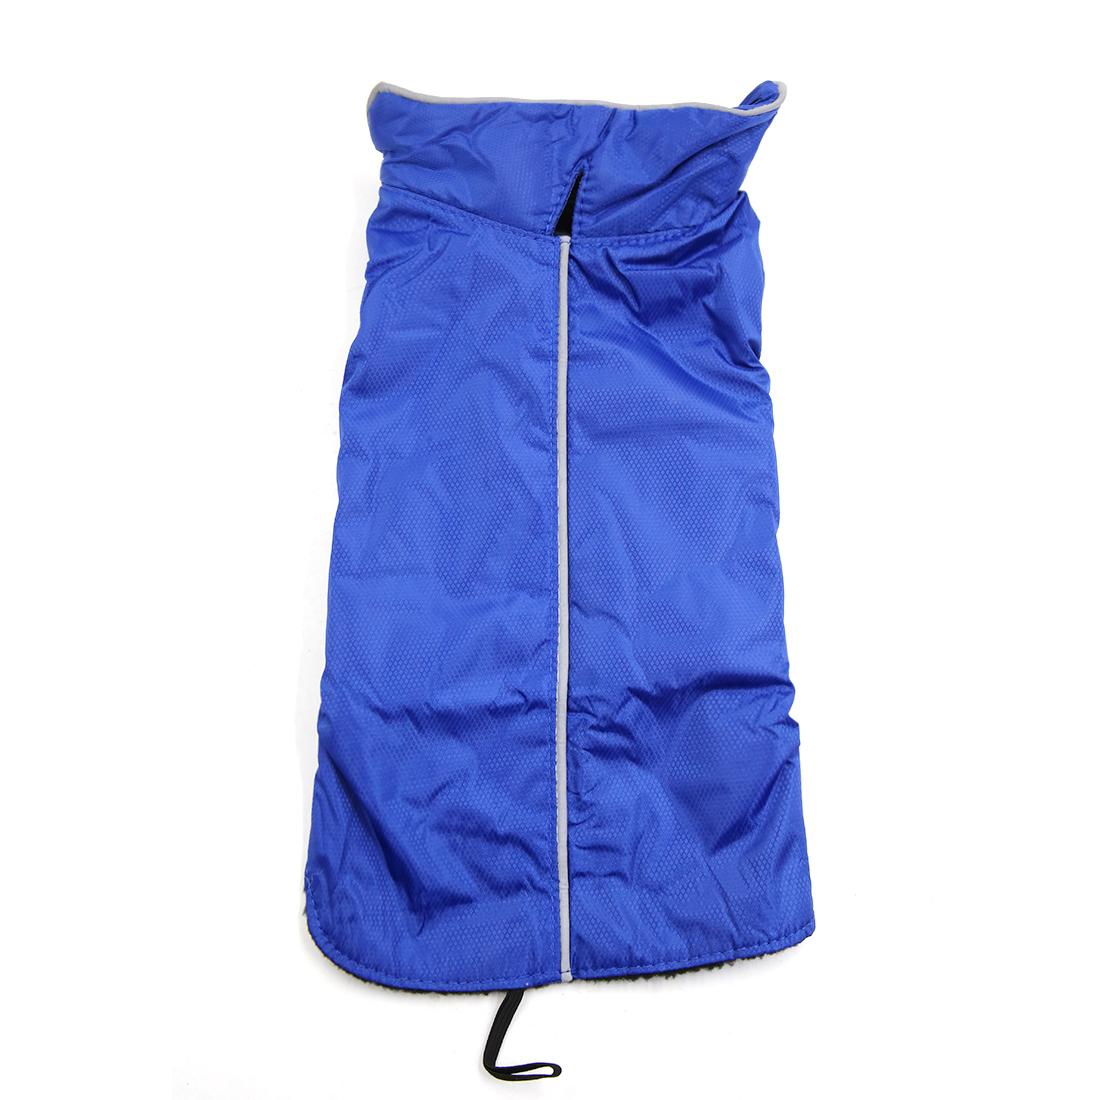 Reflective Vest Jacket Clothes Soft Warm Fleece Lining Dog Coat Clothing Blue XXL